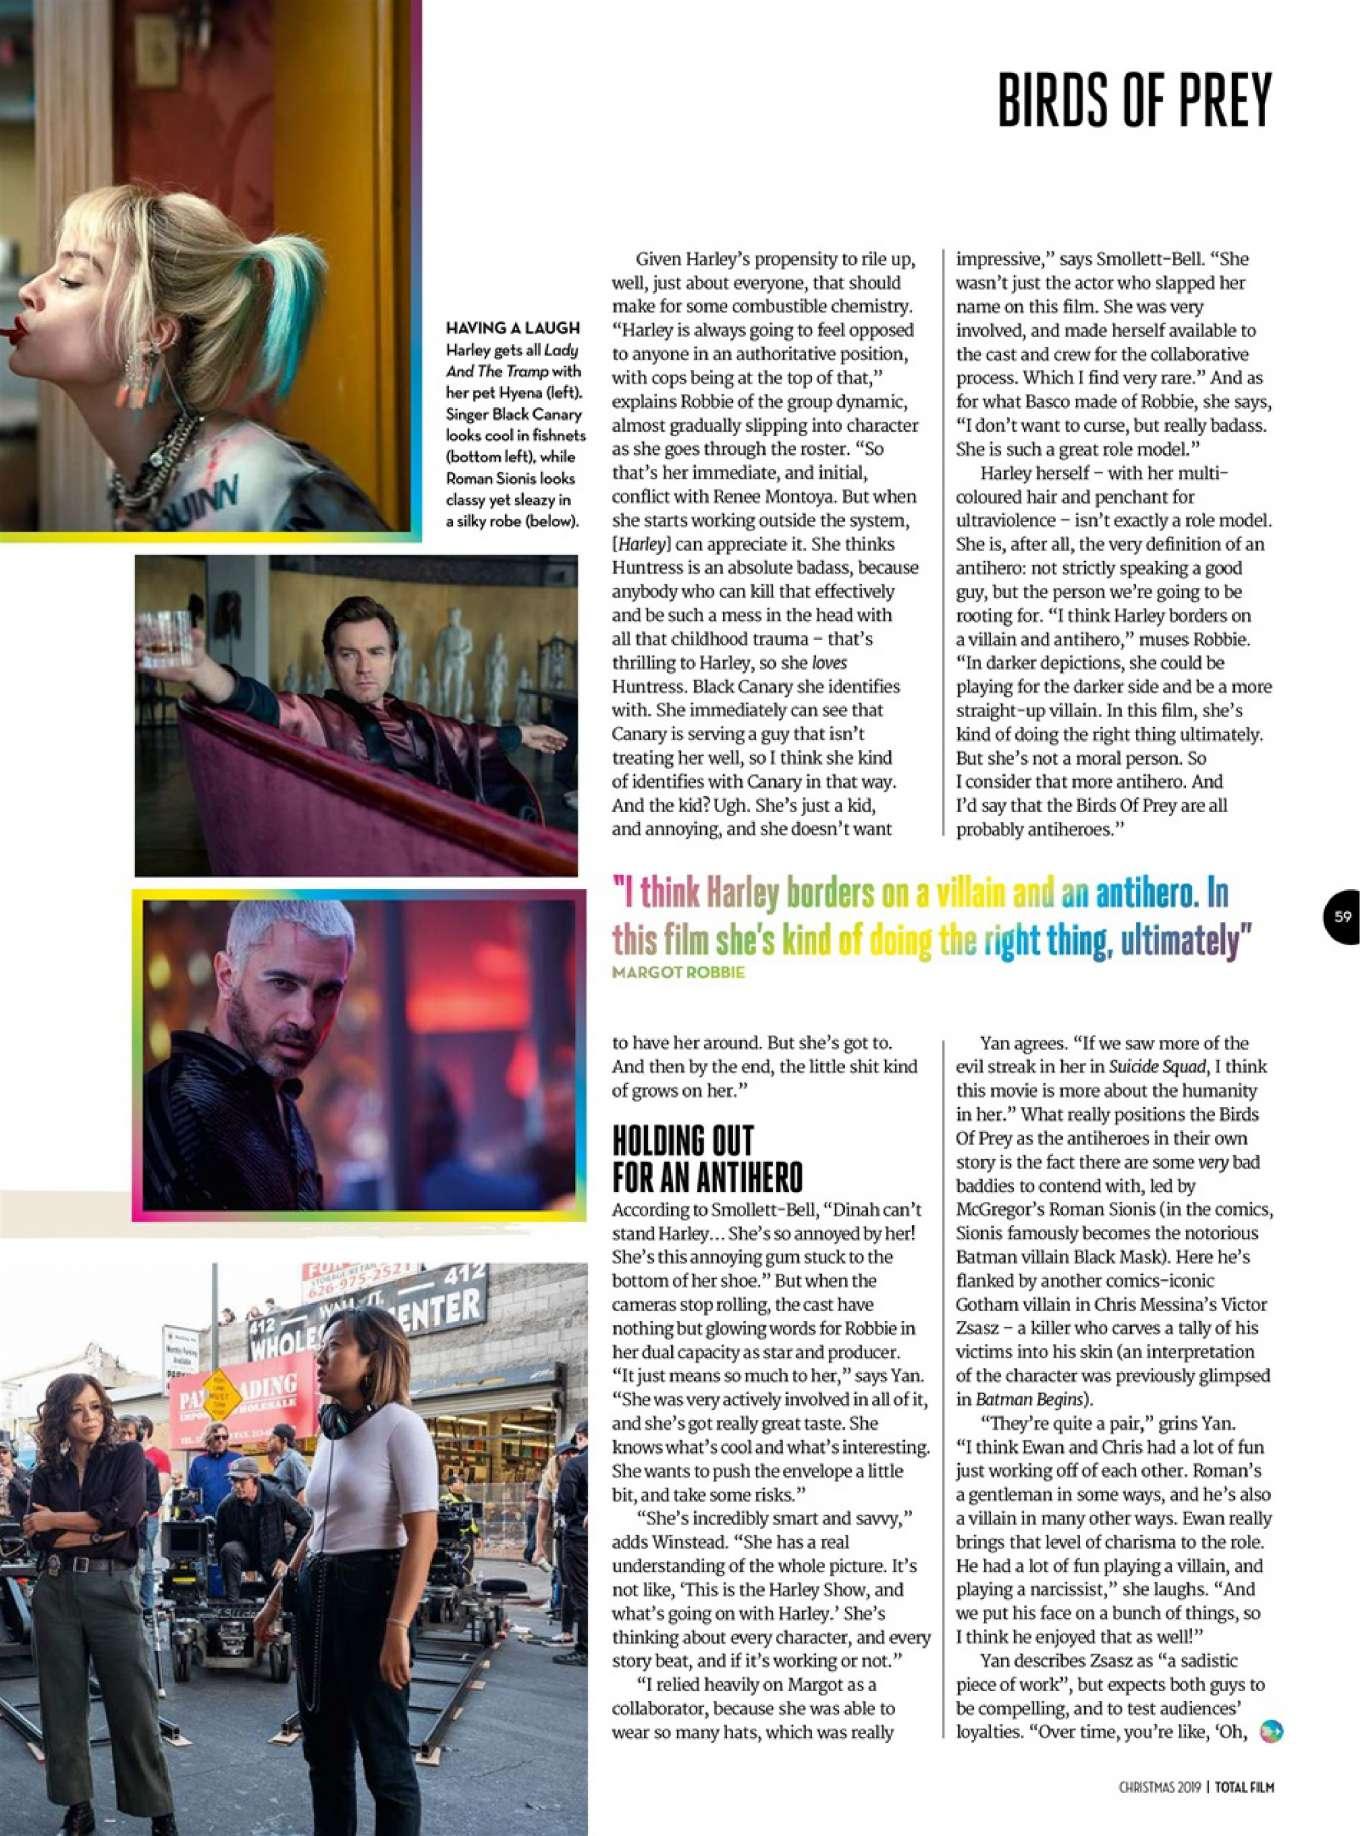 Margot Robbie 2019 : Margot Robbie – Total Film 2019-11